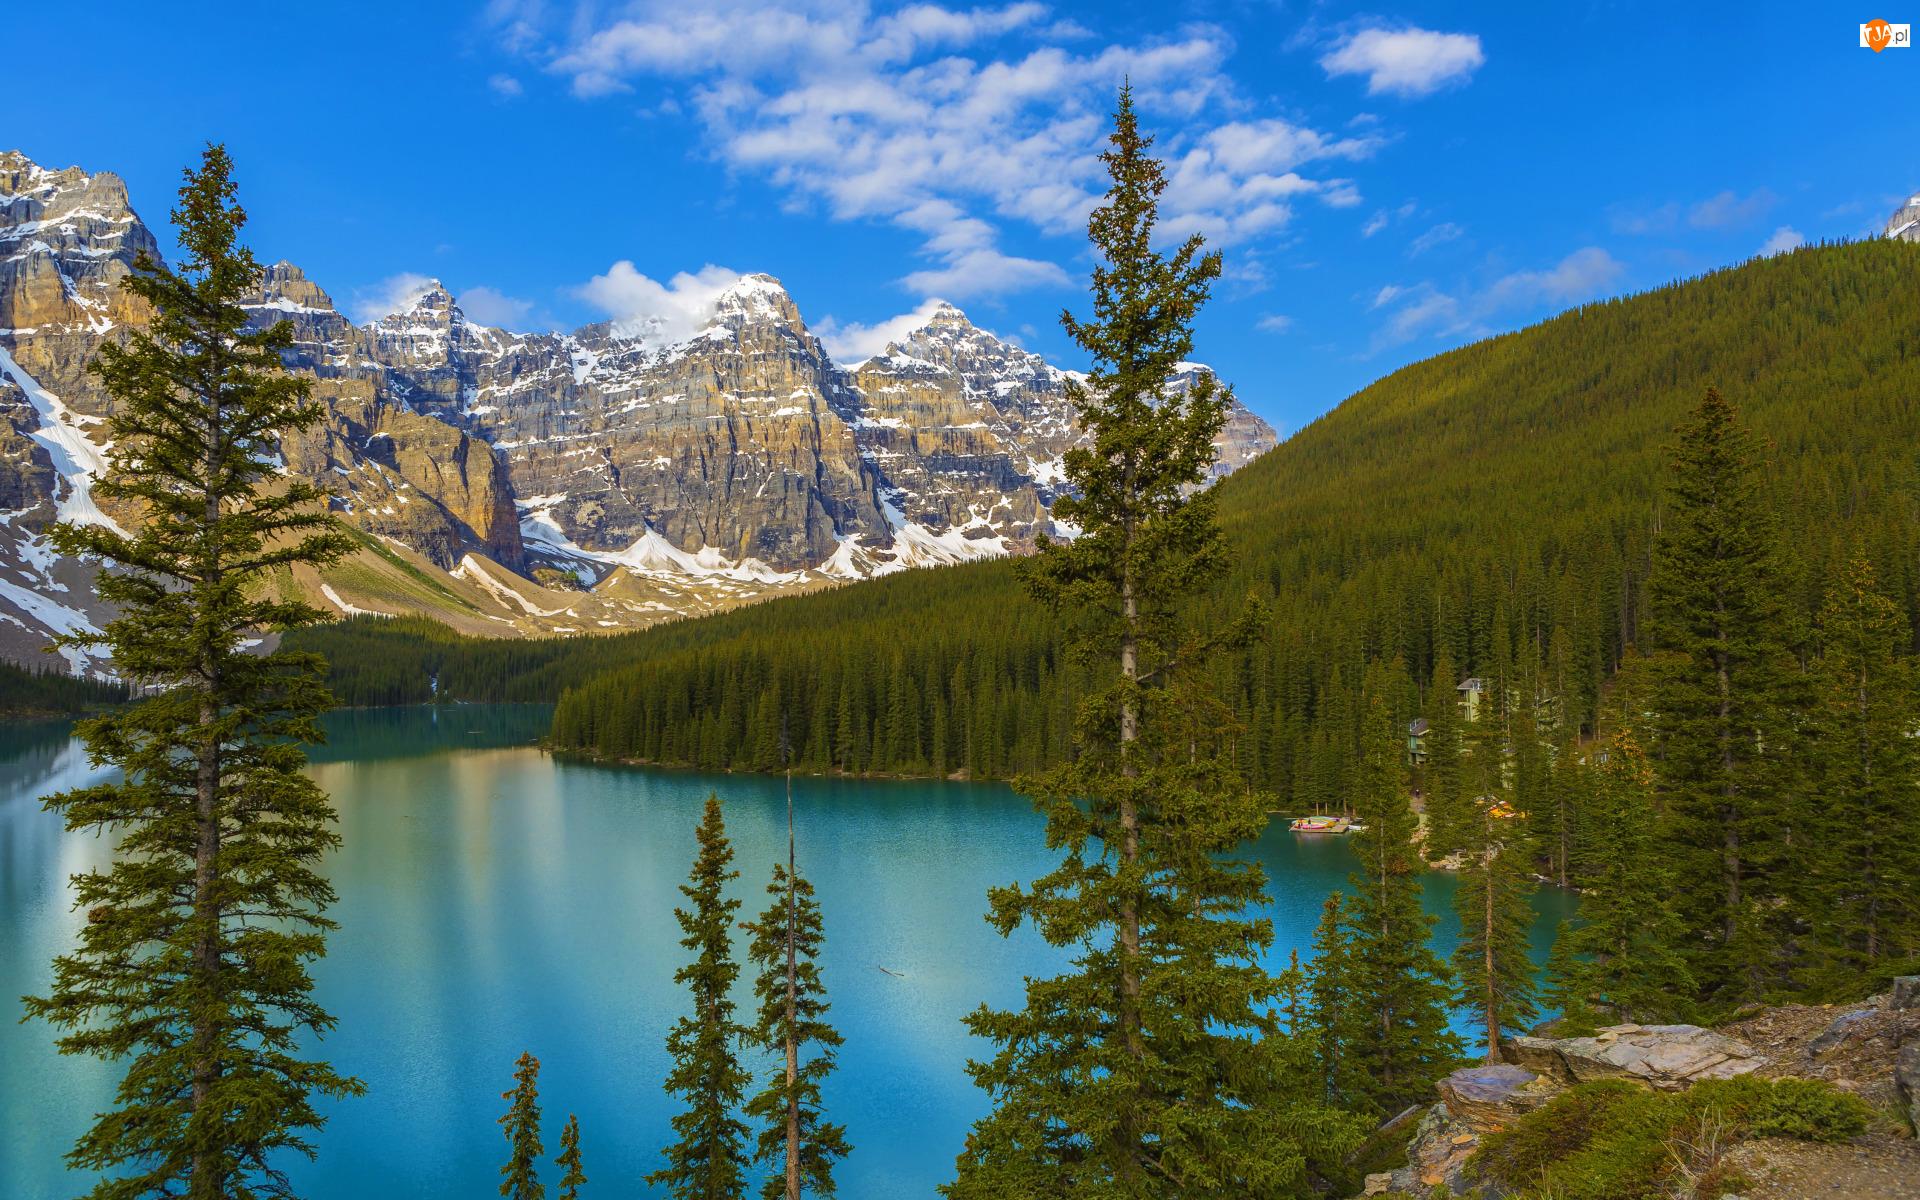 Kanada, Jezioro, Prowincja Alberta, Świerki, Park Narodowy Banff, Moraine Lake, Las, Góry, Drzewa